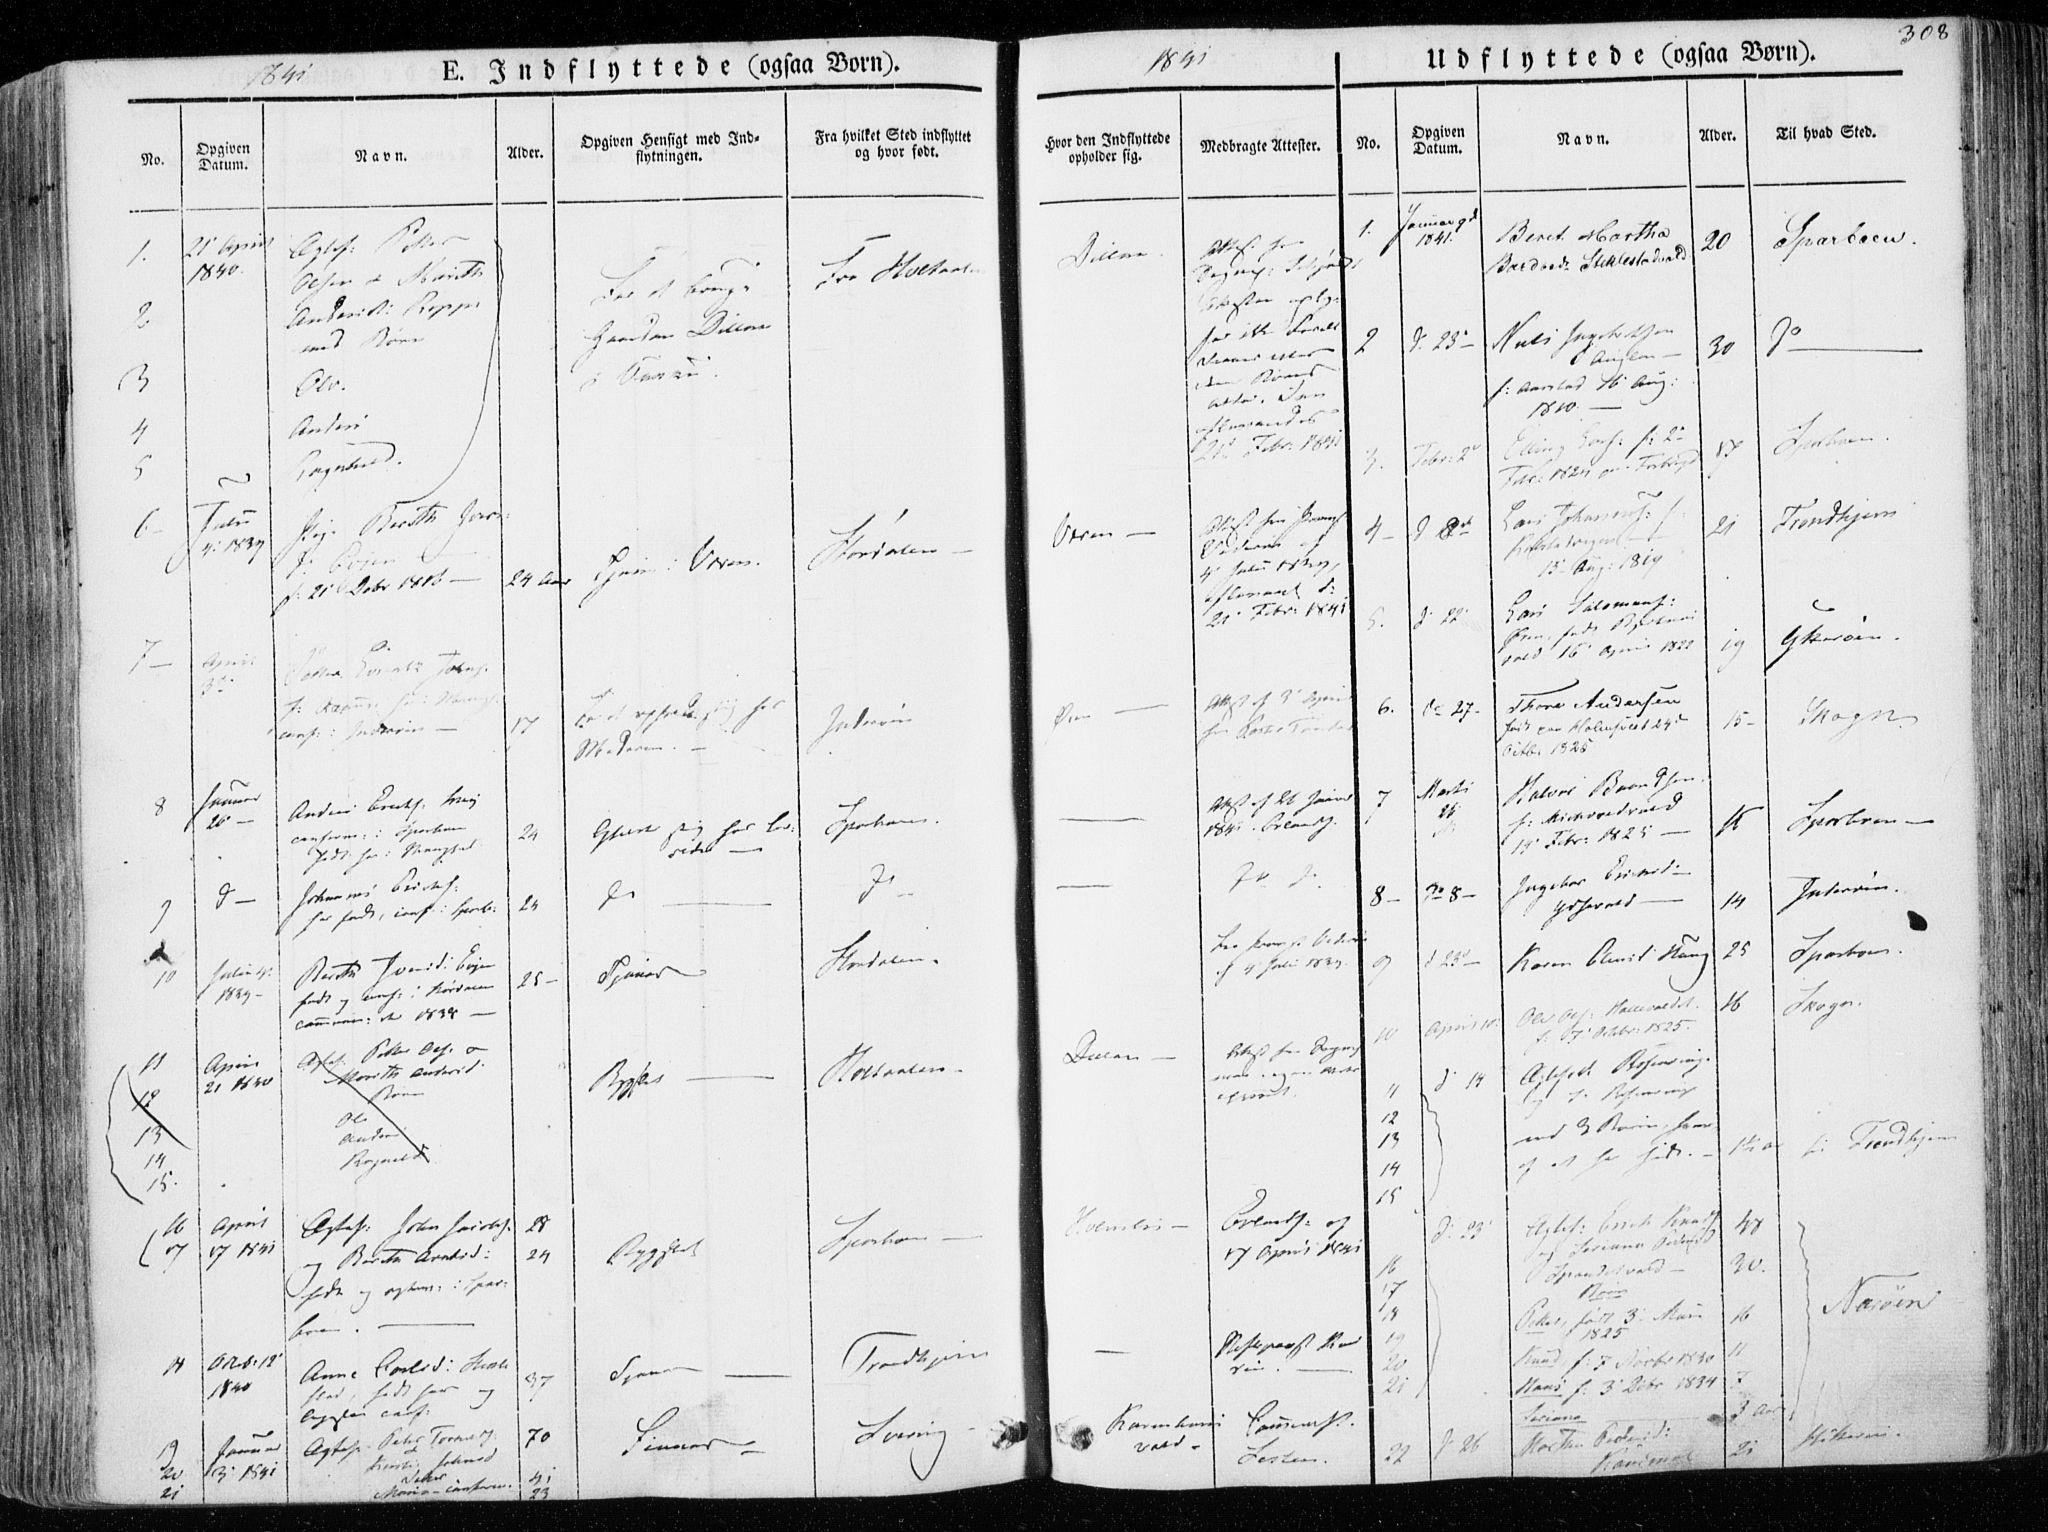 SAT, Ministerialprotokoller, klokkerbøker og fødselsregistre - Nord-Trøndelag, 723/L0239: Ministerialbok nr. 723A08, 1841-1851, s. 308